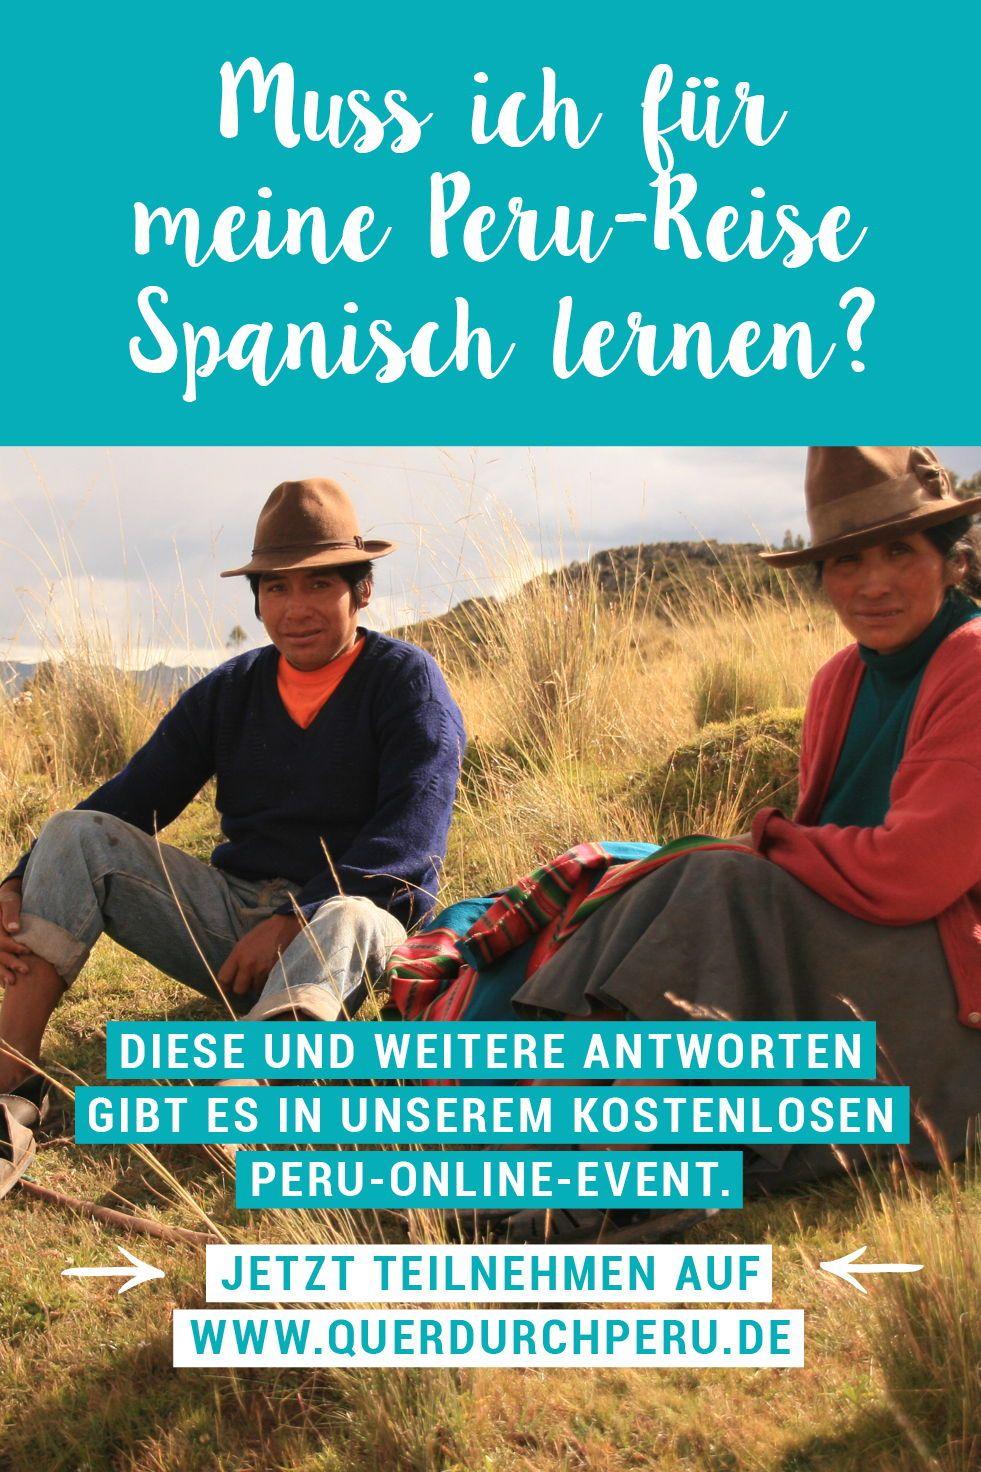 Spanisch Lernen Muss Ich Fur Meine Peru Reise Spanisch Lernen Komme Ich Auch Mit Englisch Auf Meiner Reise Klar Diese Und Weit Peru Reisen Peru Reiseagentur